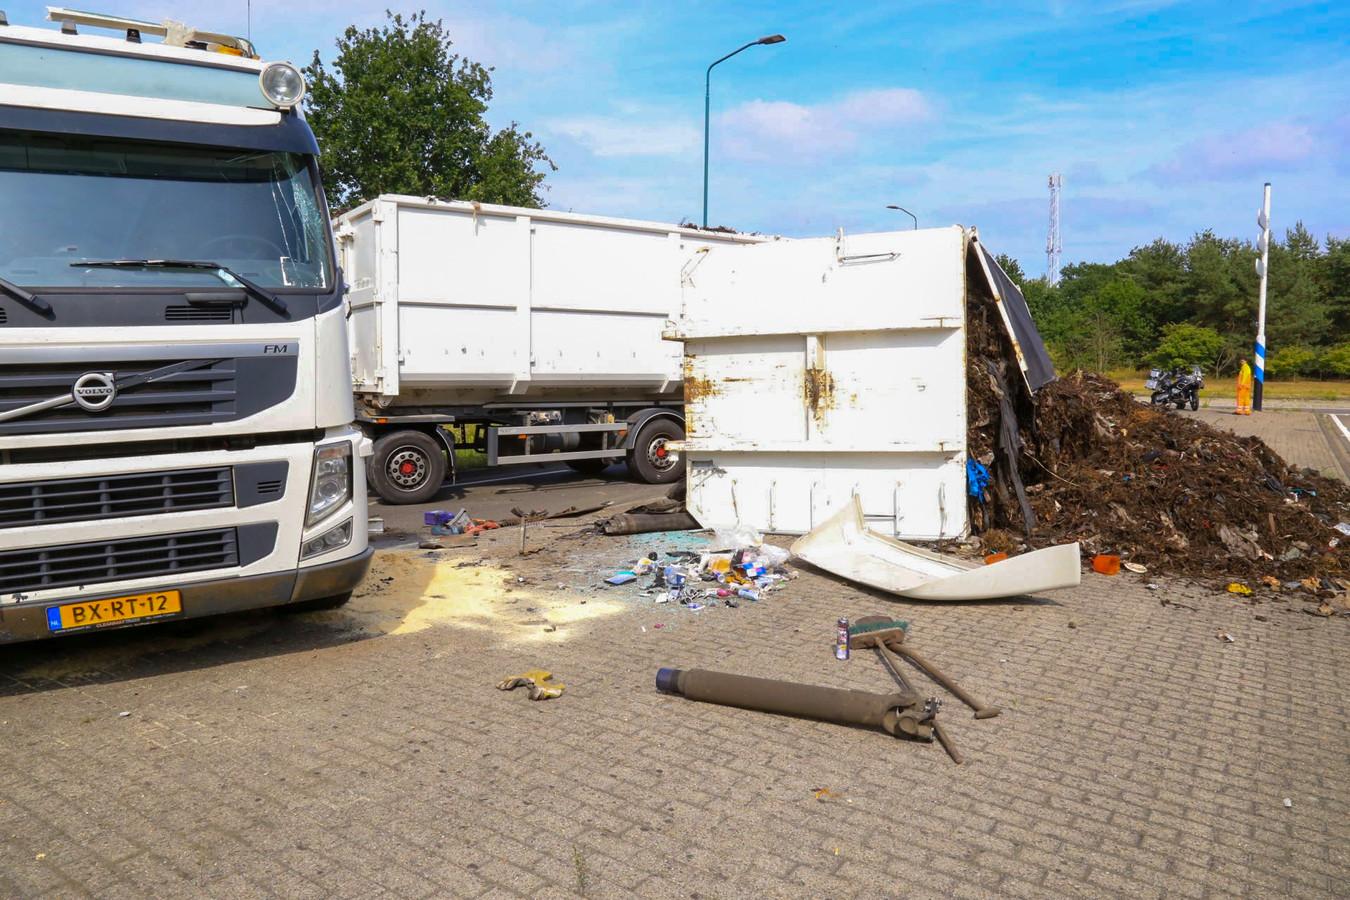 De bende op straat na het kantelen van de vrachtwagen.